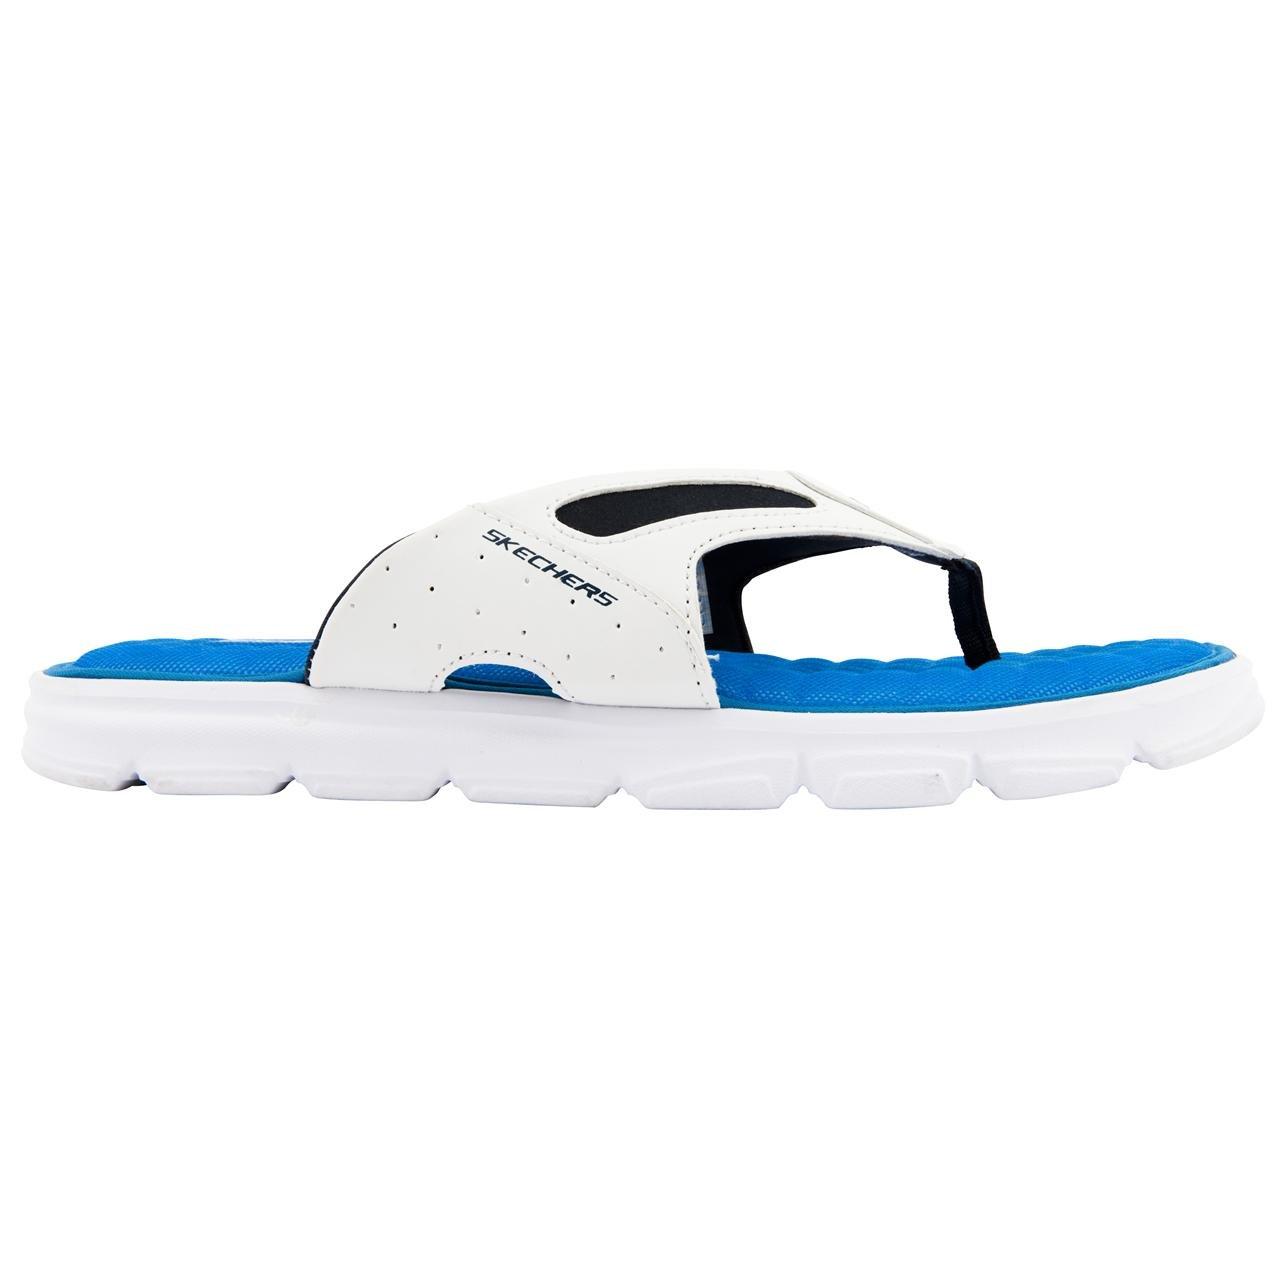 dfd845743d56 Skechers Mens Uprush - True Form White Blue Flip Flops Size 12   Amazon.co.uk  Shoes   Bags